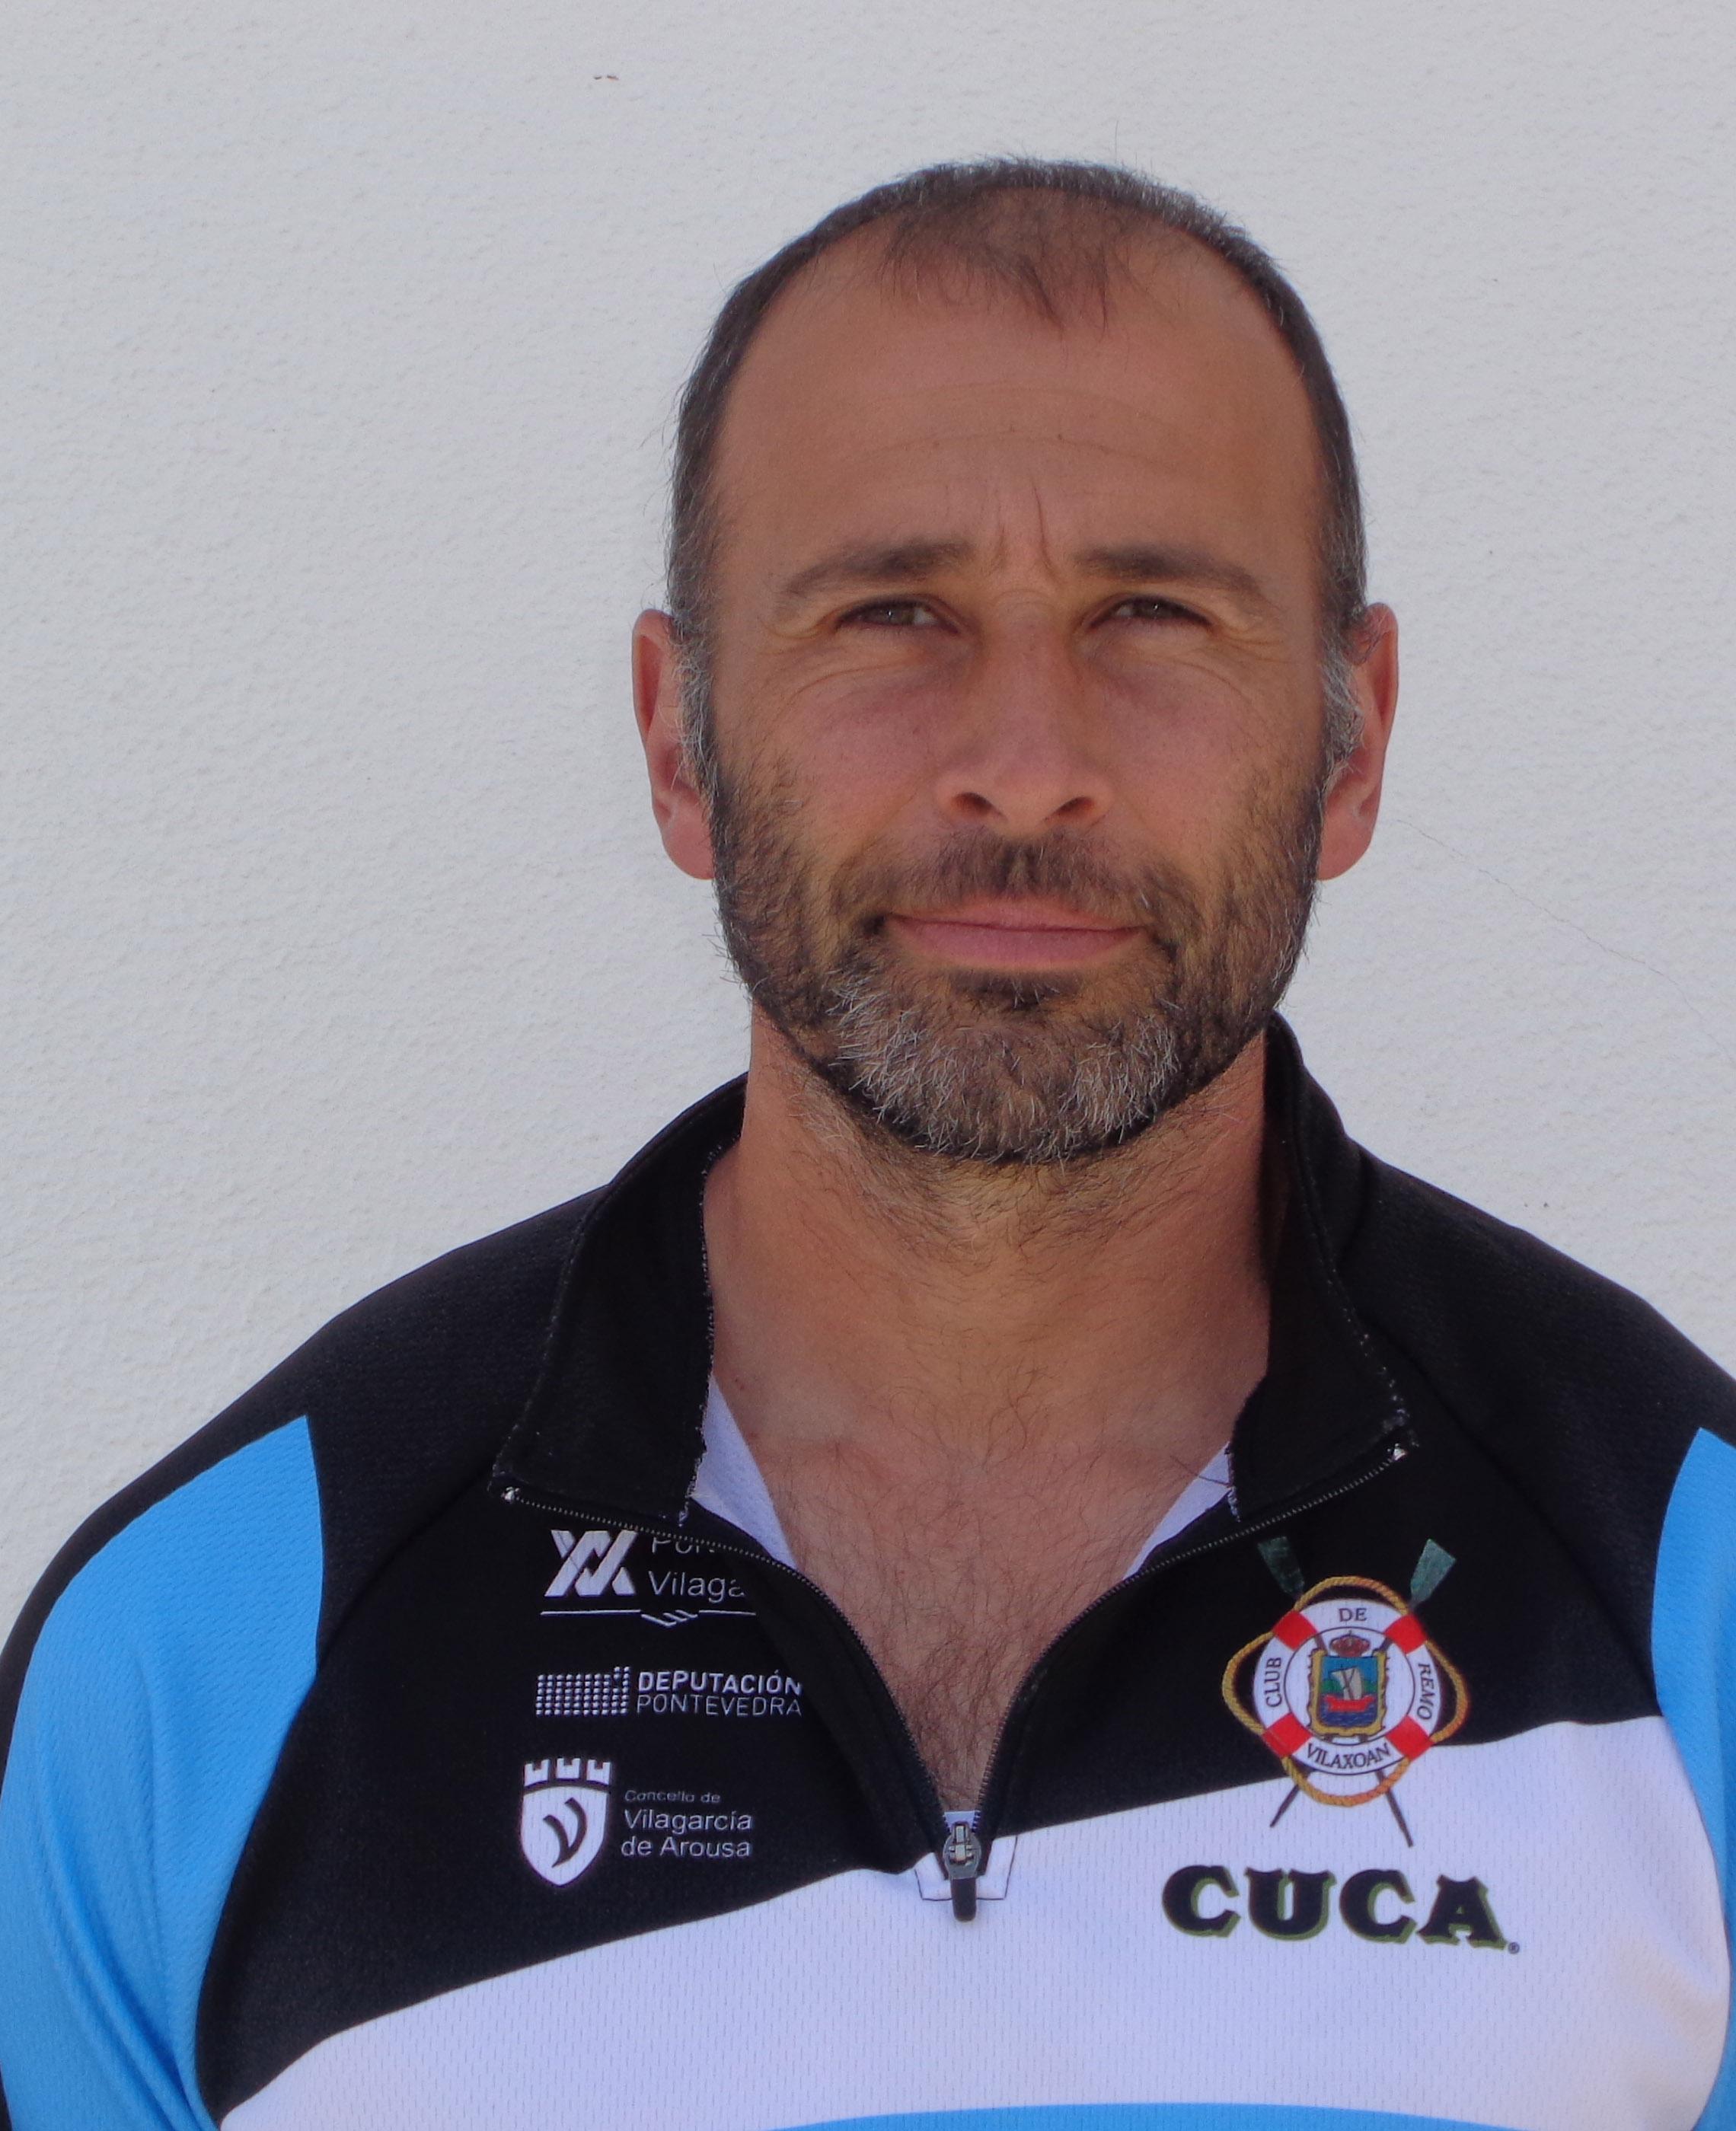 Víctor Pedrouzo - NON PROPIO